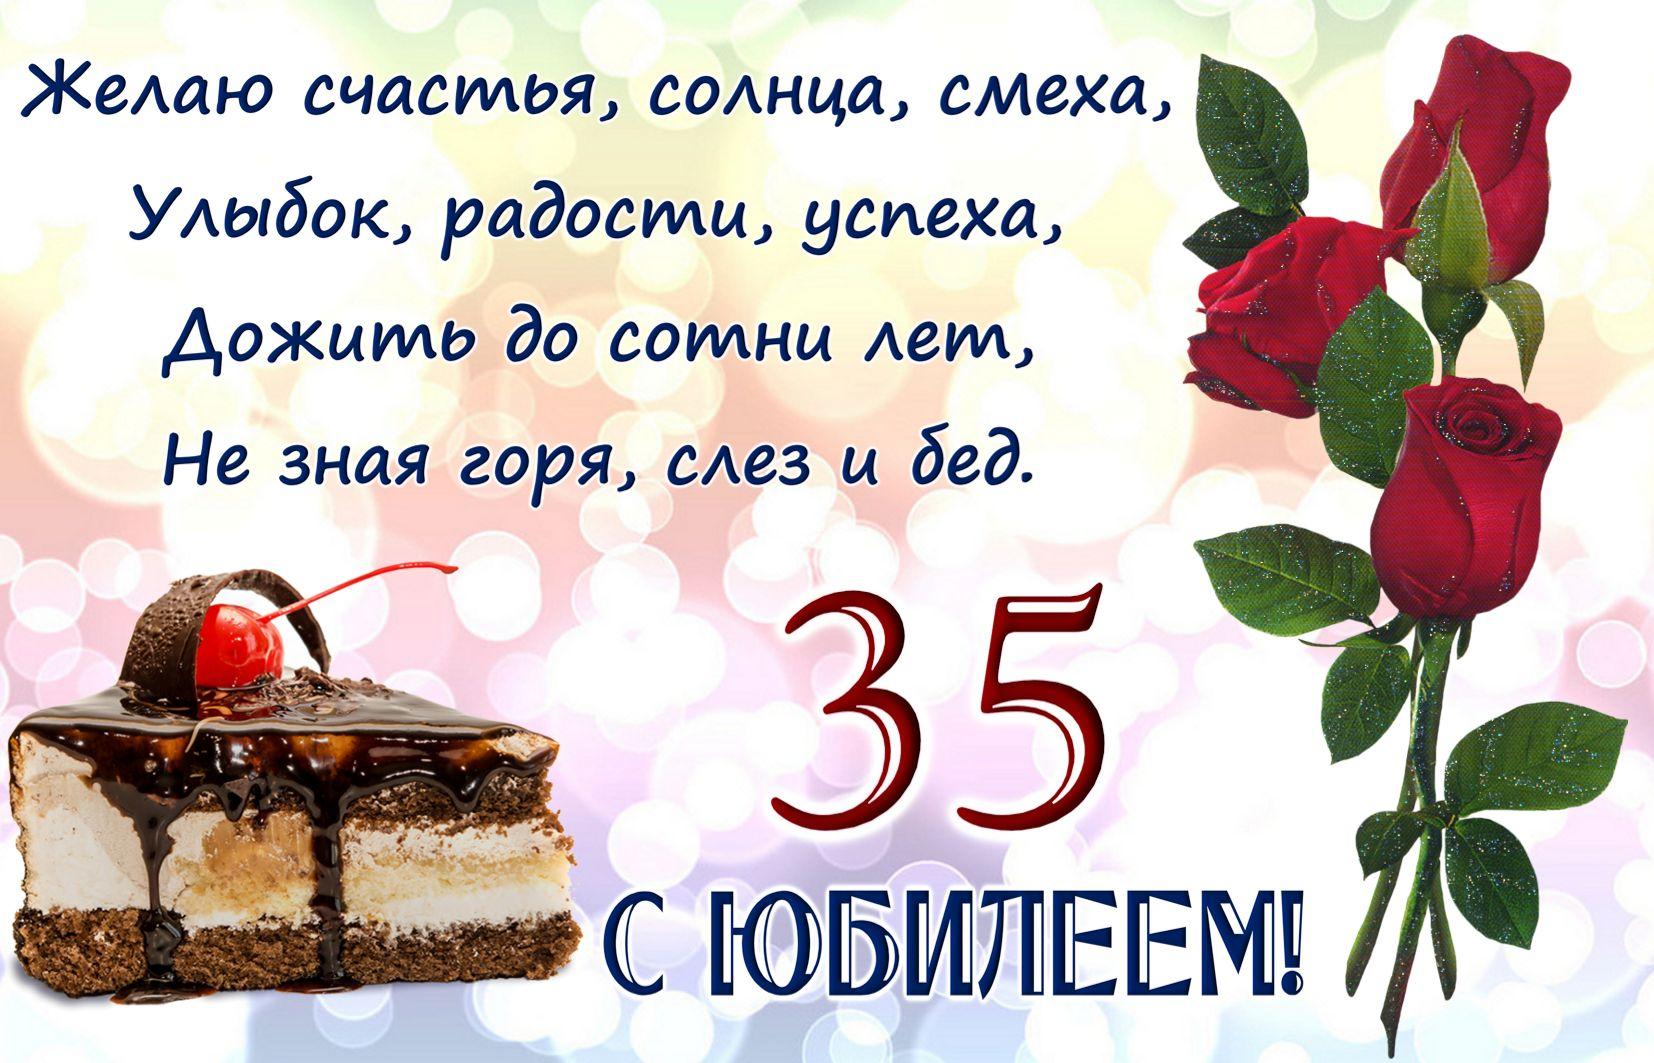 Роза и кусочек торта на юбилей 35 лет